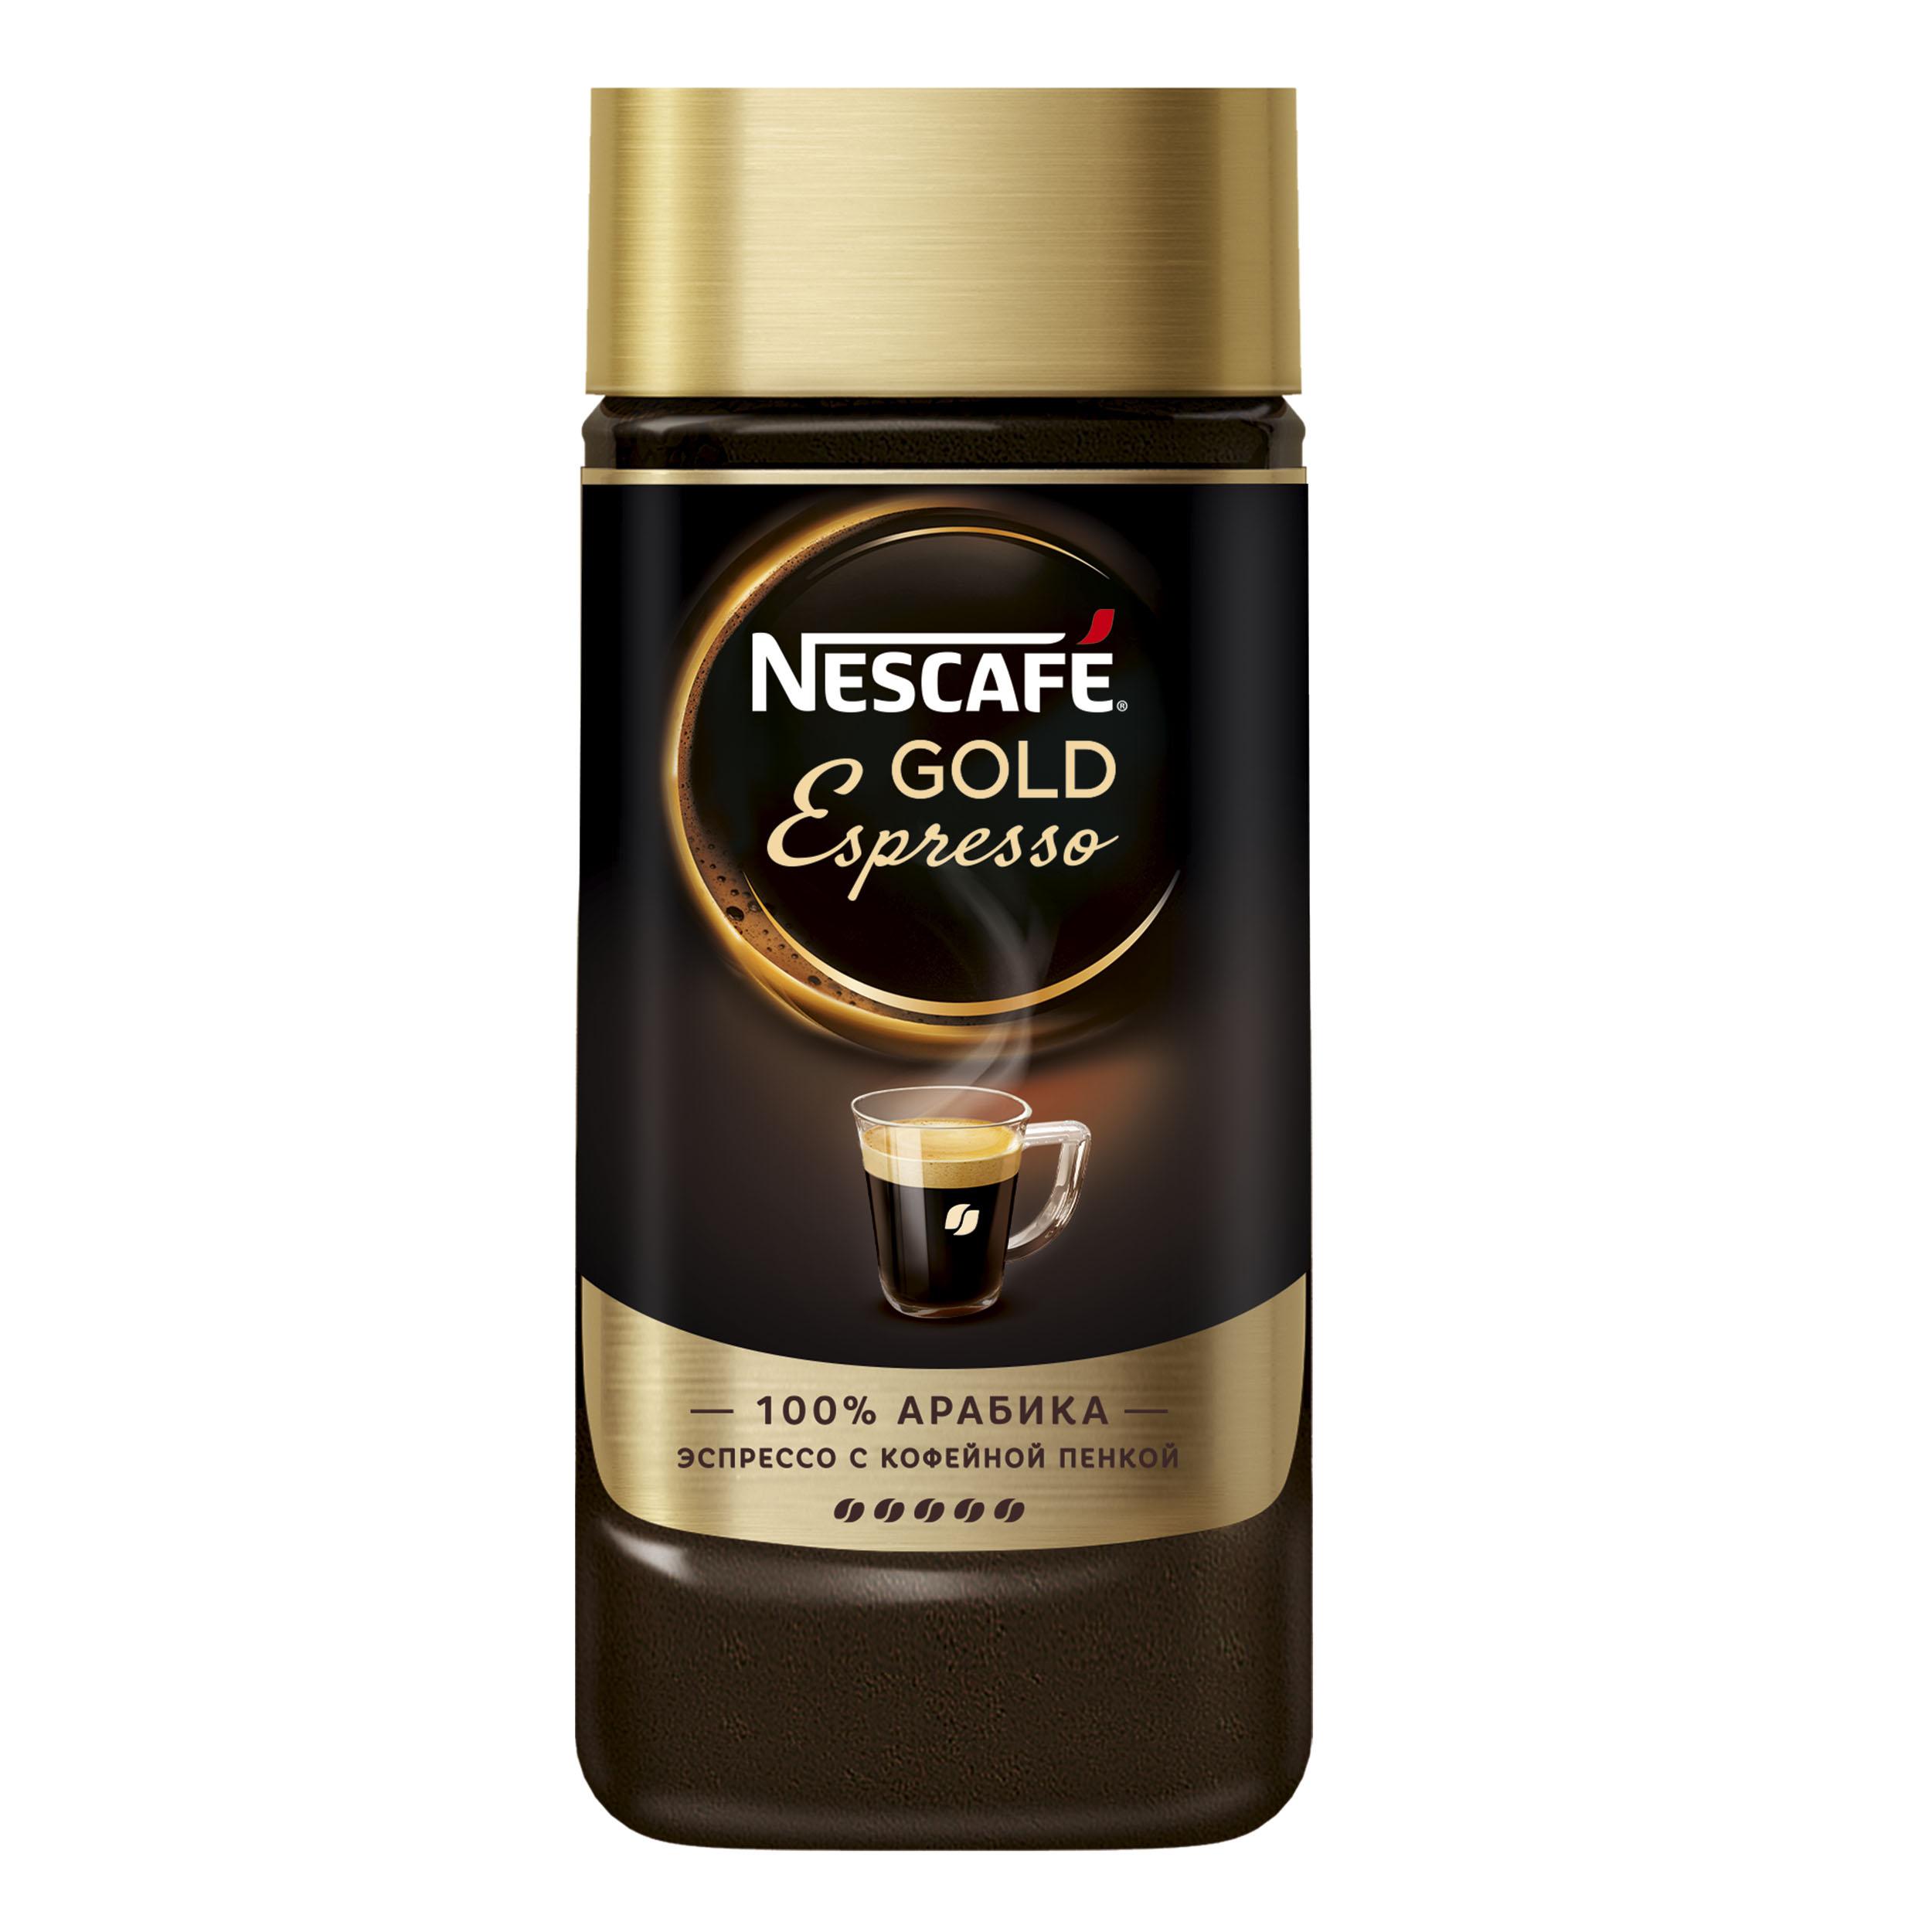 Кофе растворимый Nescafe gold espresso 85 г